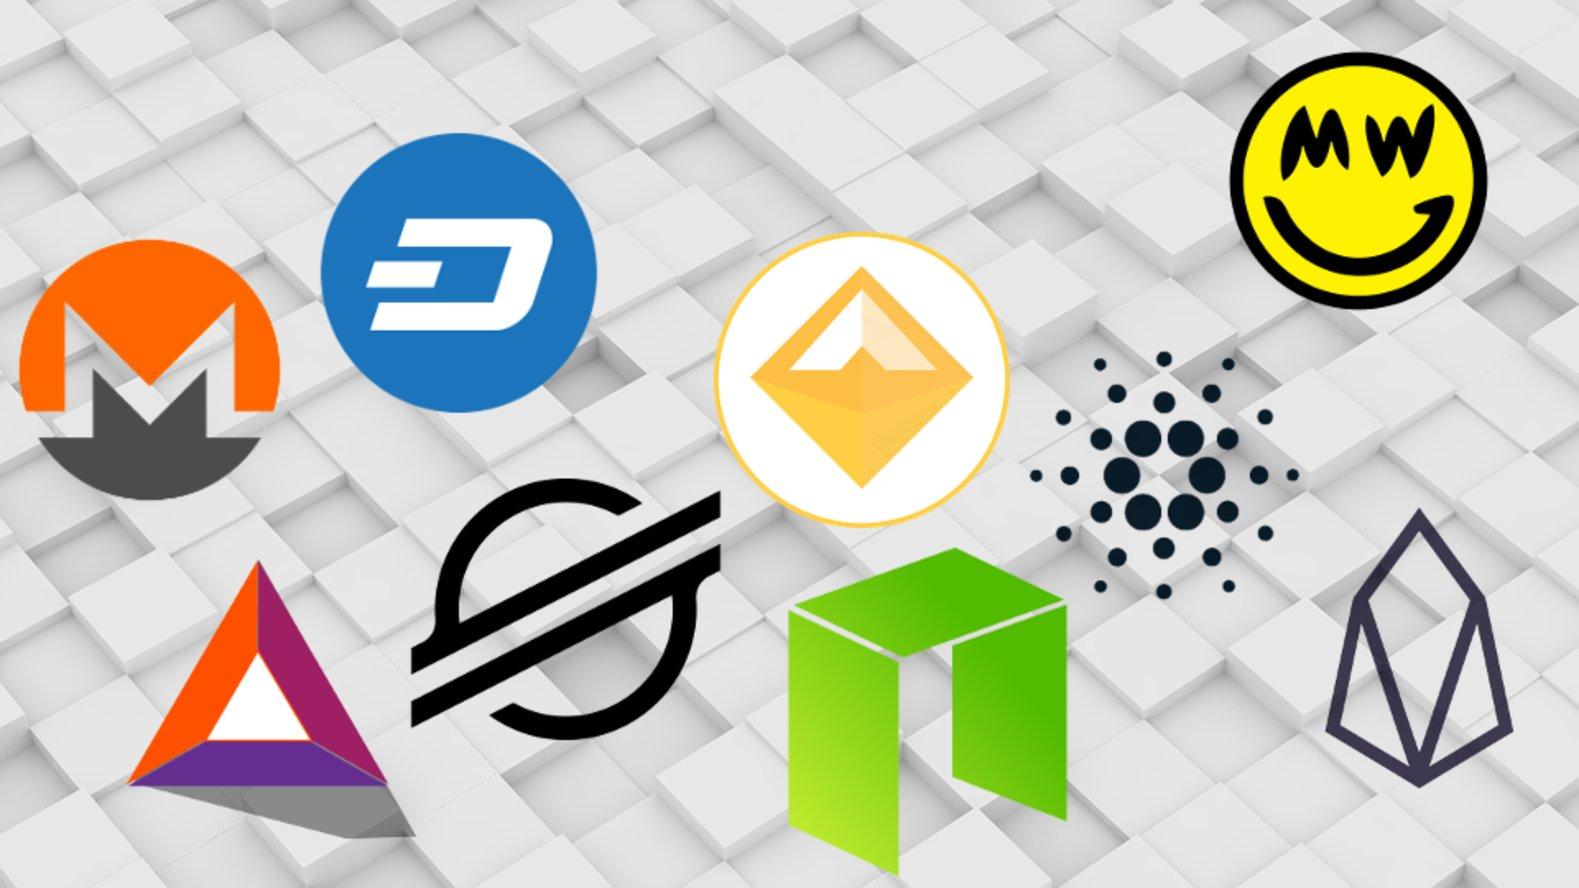 کیف پول bitcoin و چند نمونه از کیف پول های معتبر